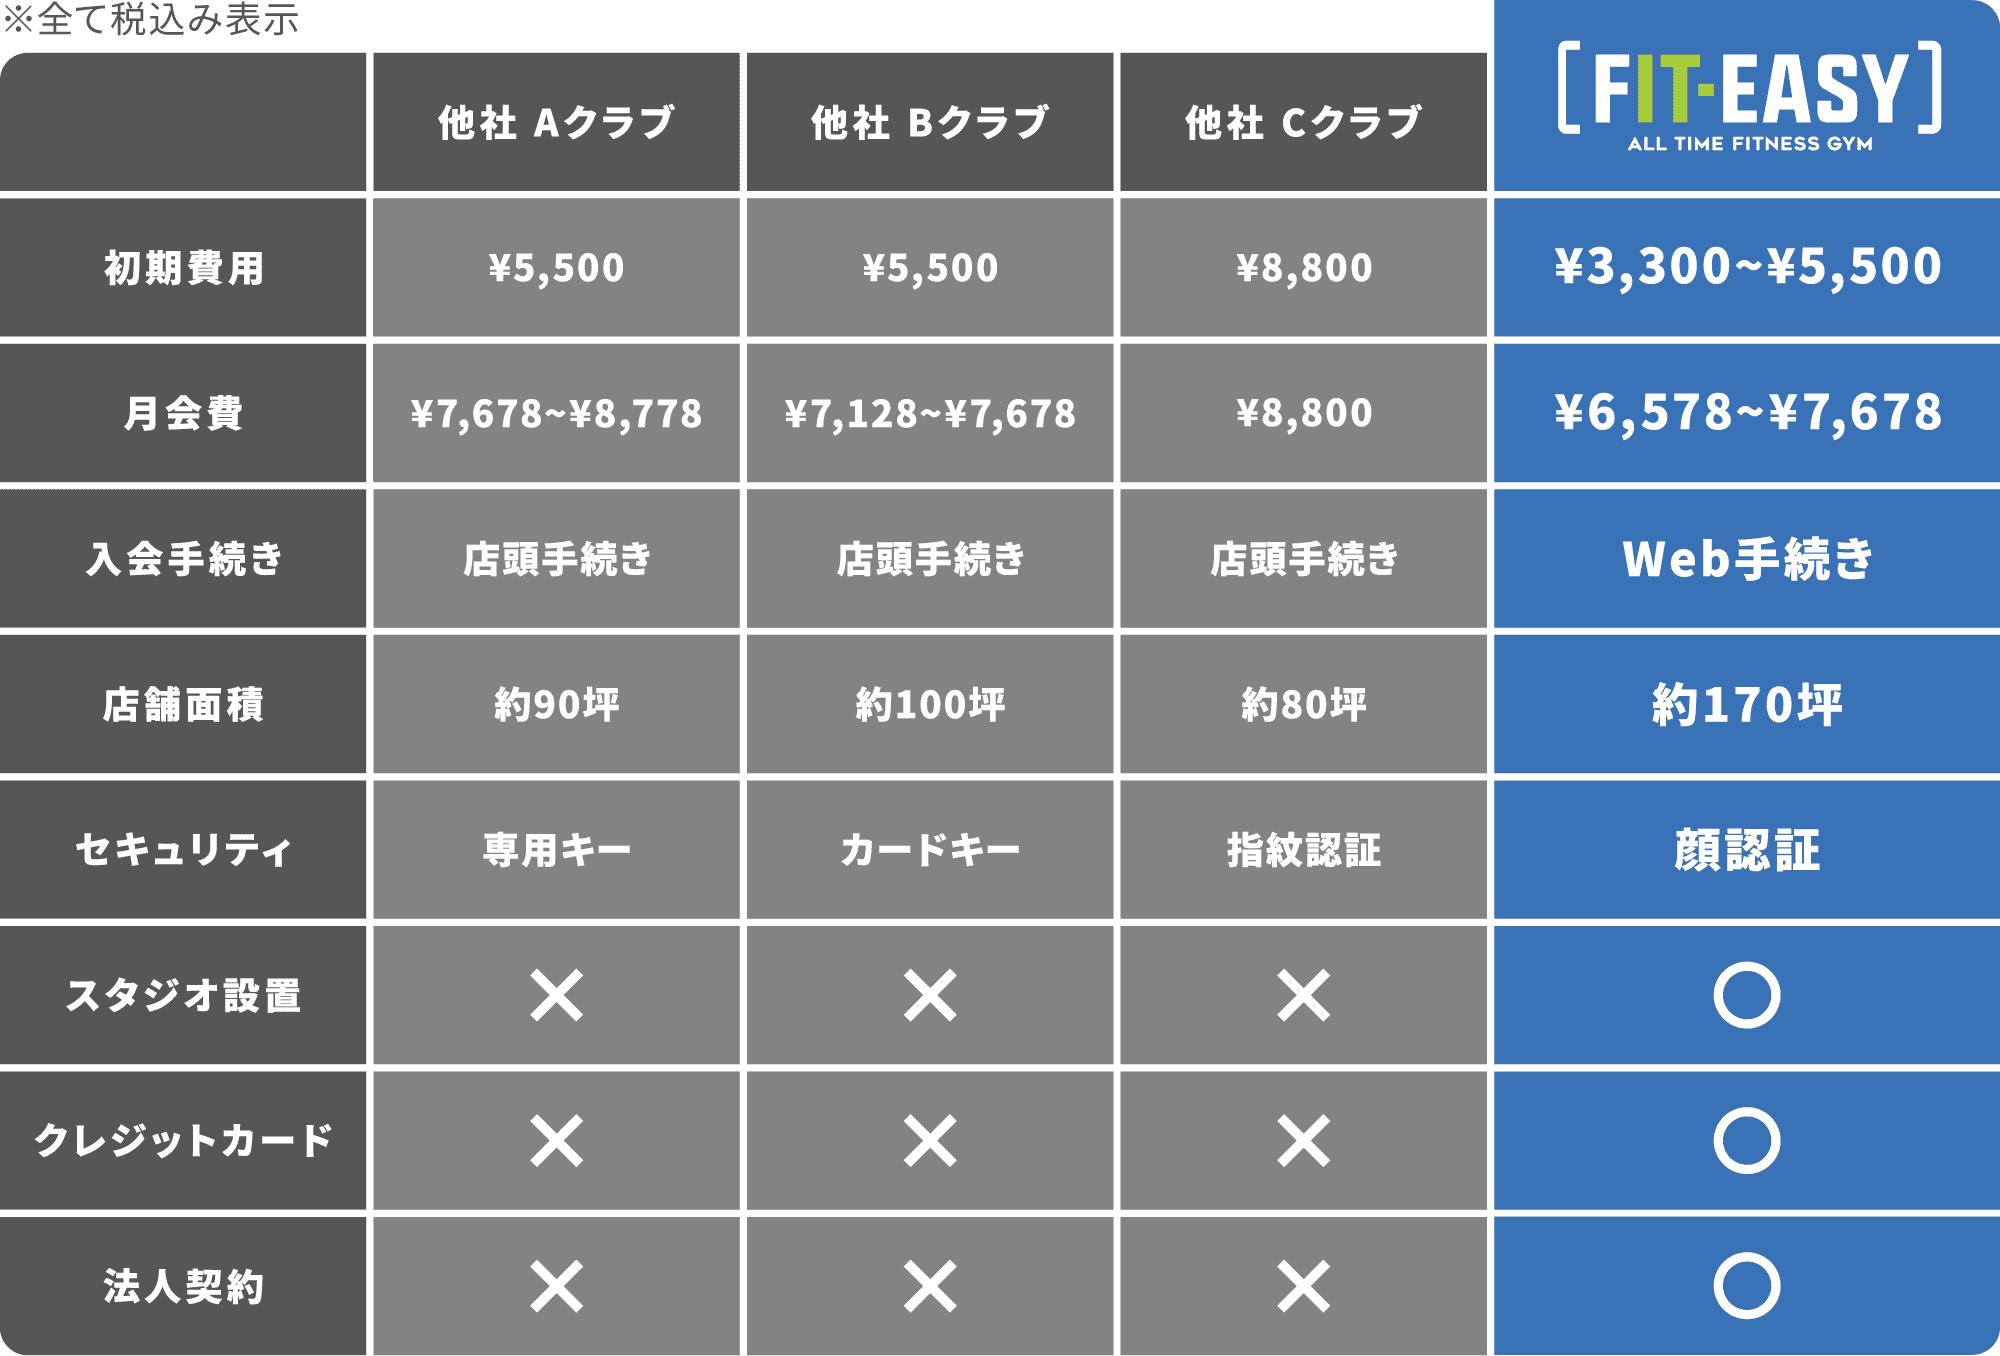 24時間フィットネスクラブ比較のグラフ